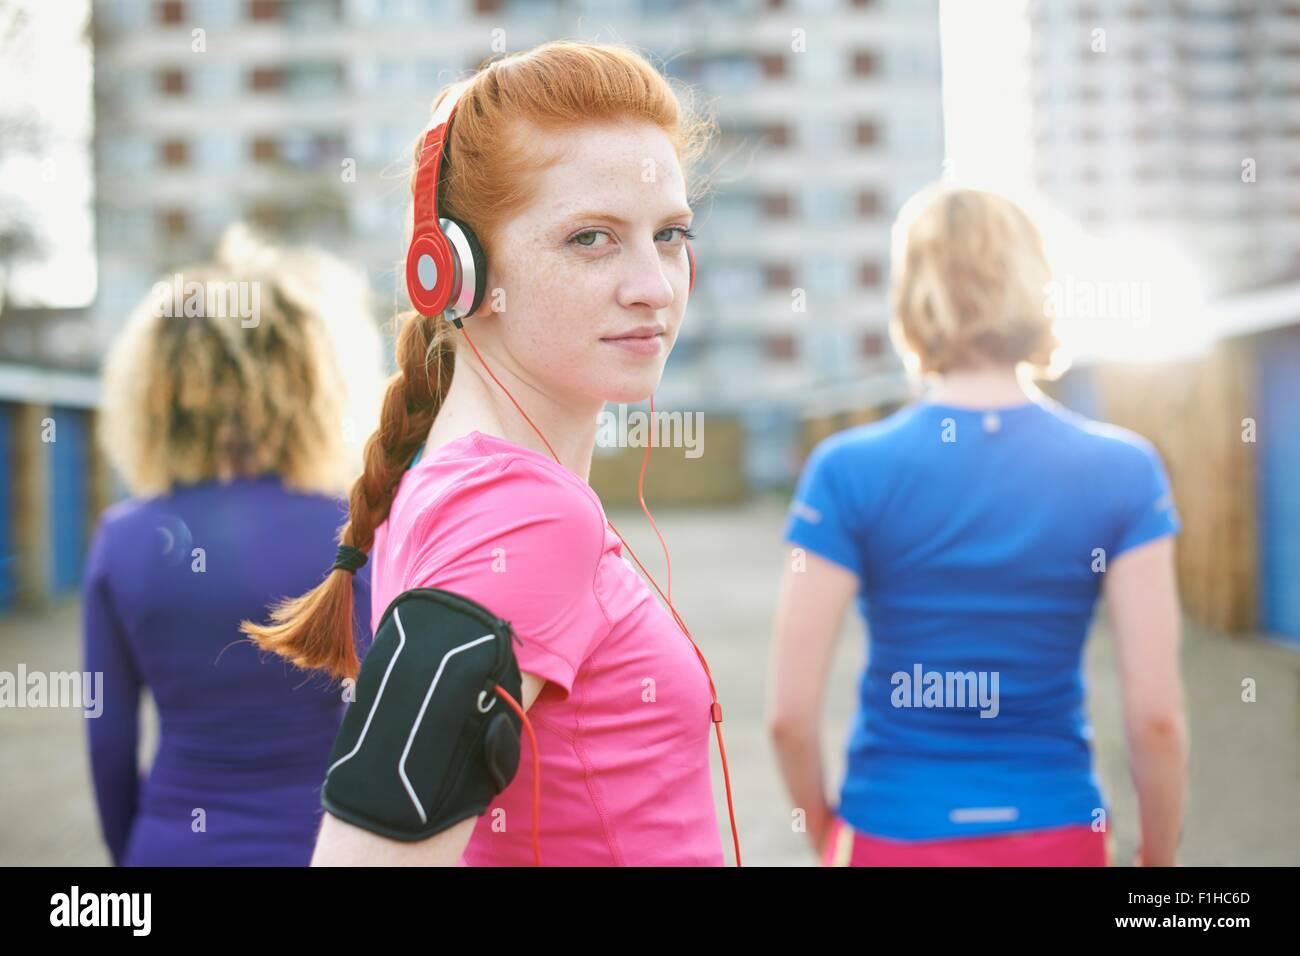 Ritratto di donna che indossa fascia da braccio e cuffia prima dell'esercizio guardando sopra la spalla in telecamera Immagini Stock